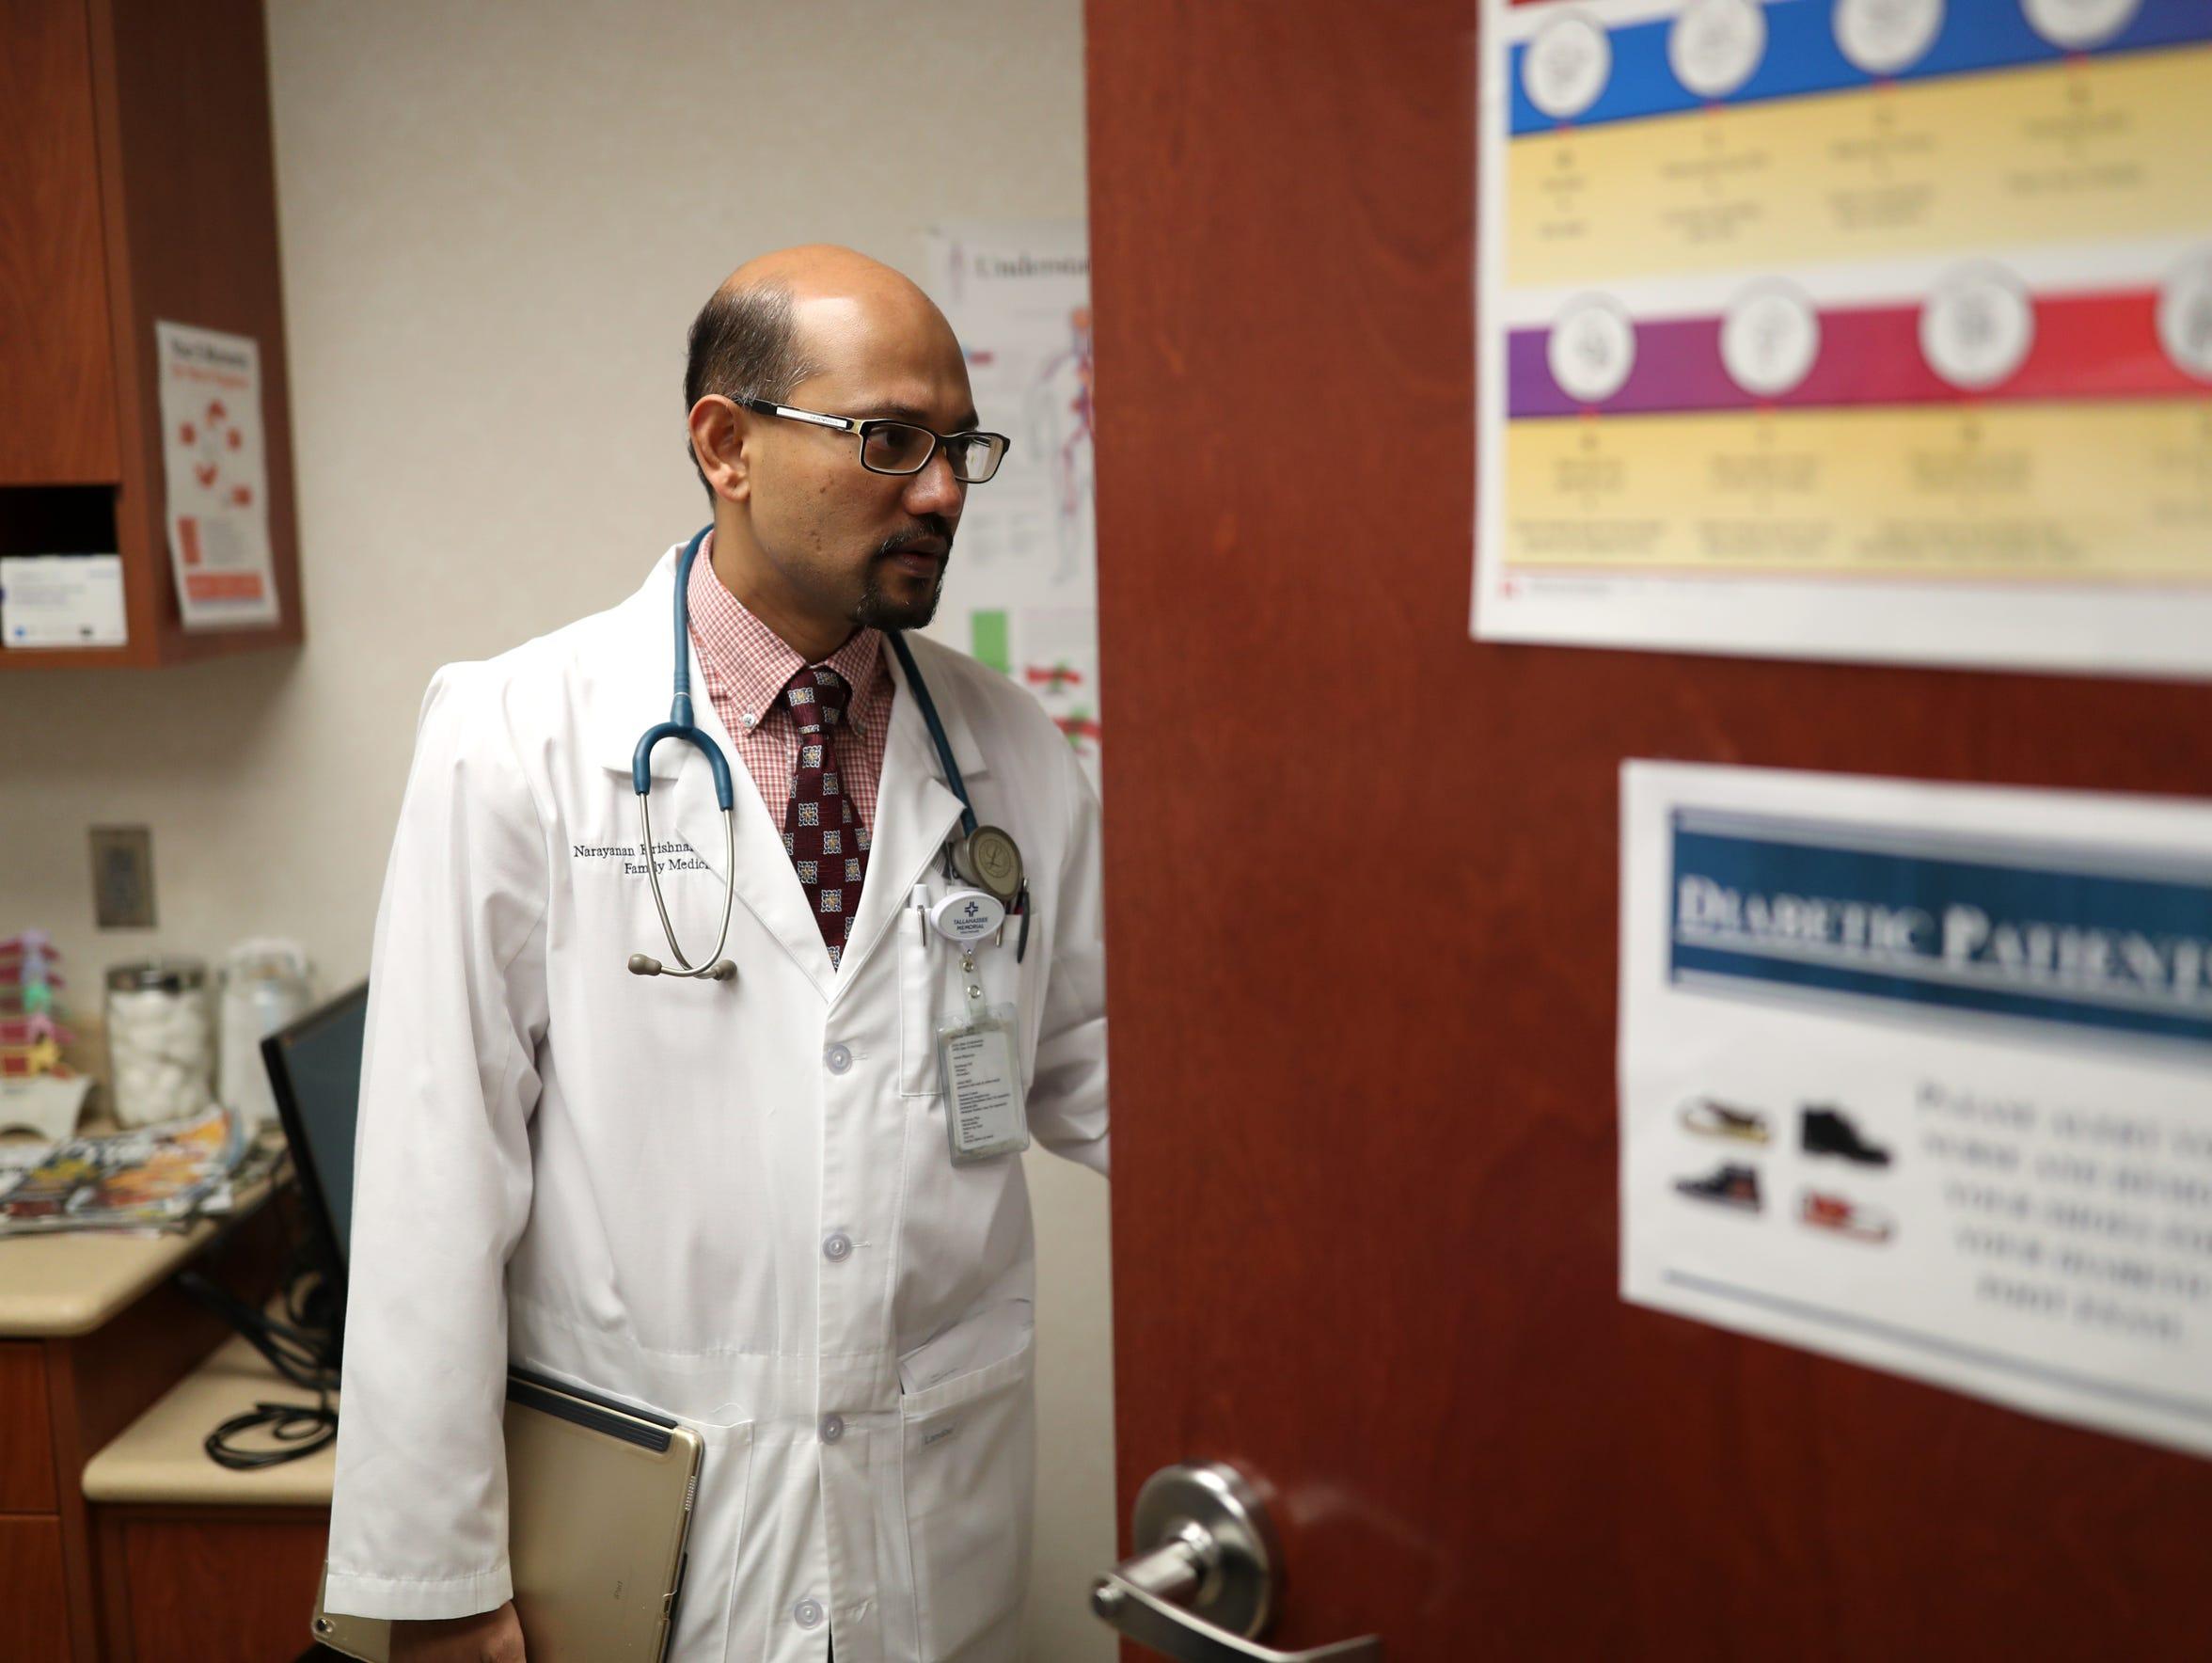 Dr. Narayanan Krishnamoorthy treats patients at his